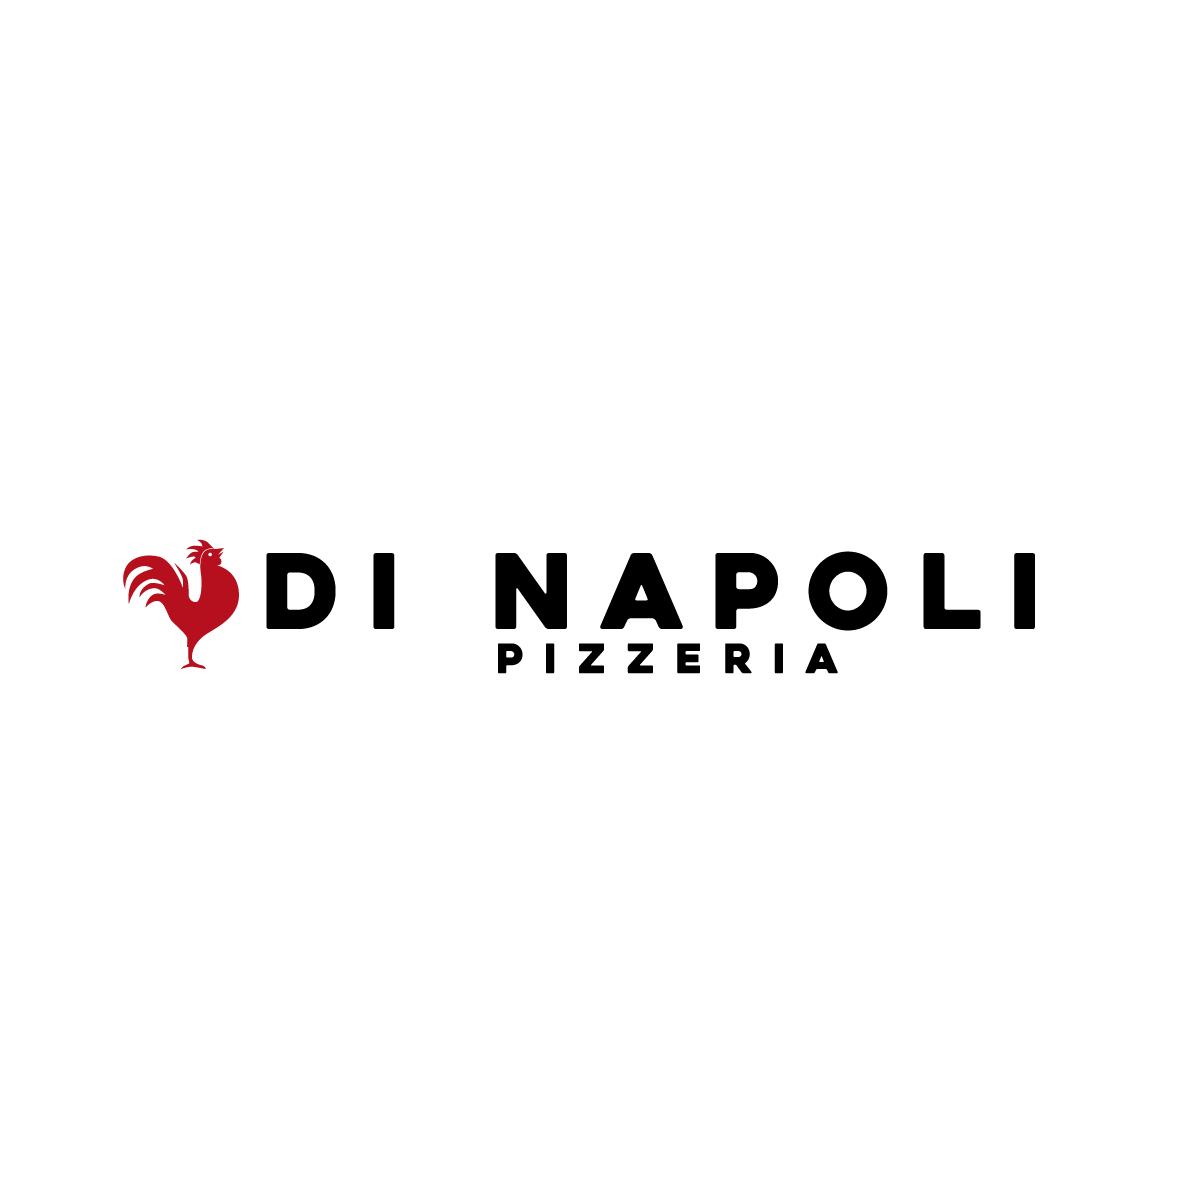 Di Napoli – brand